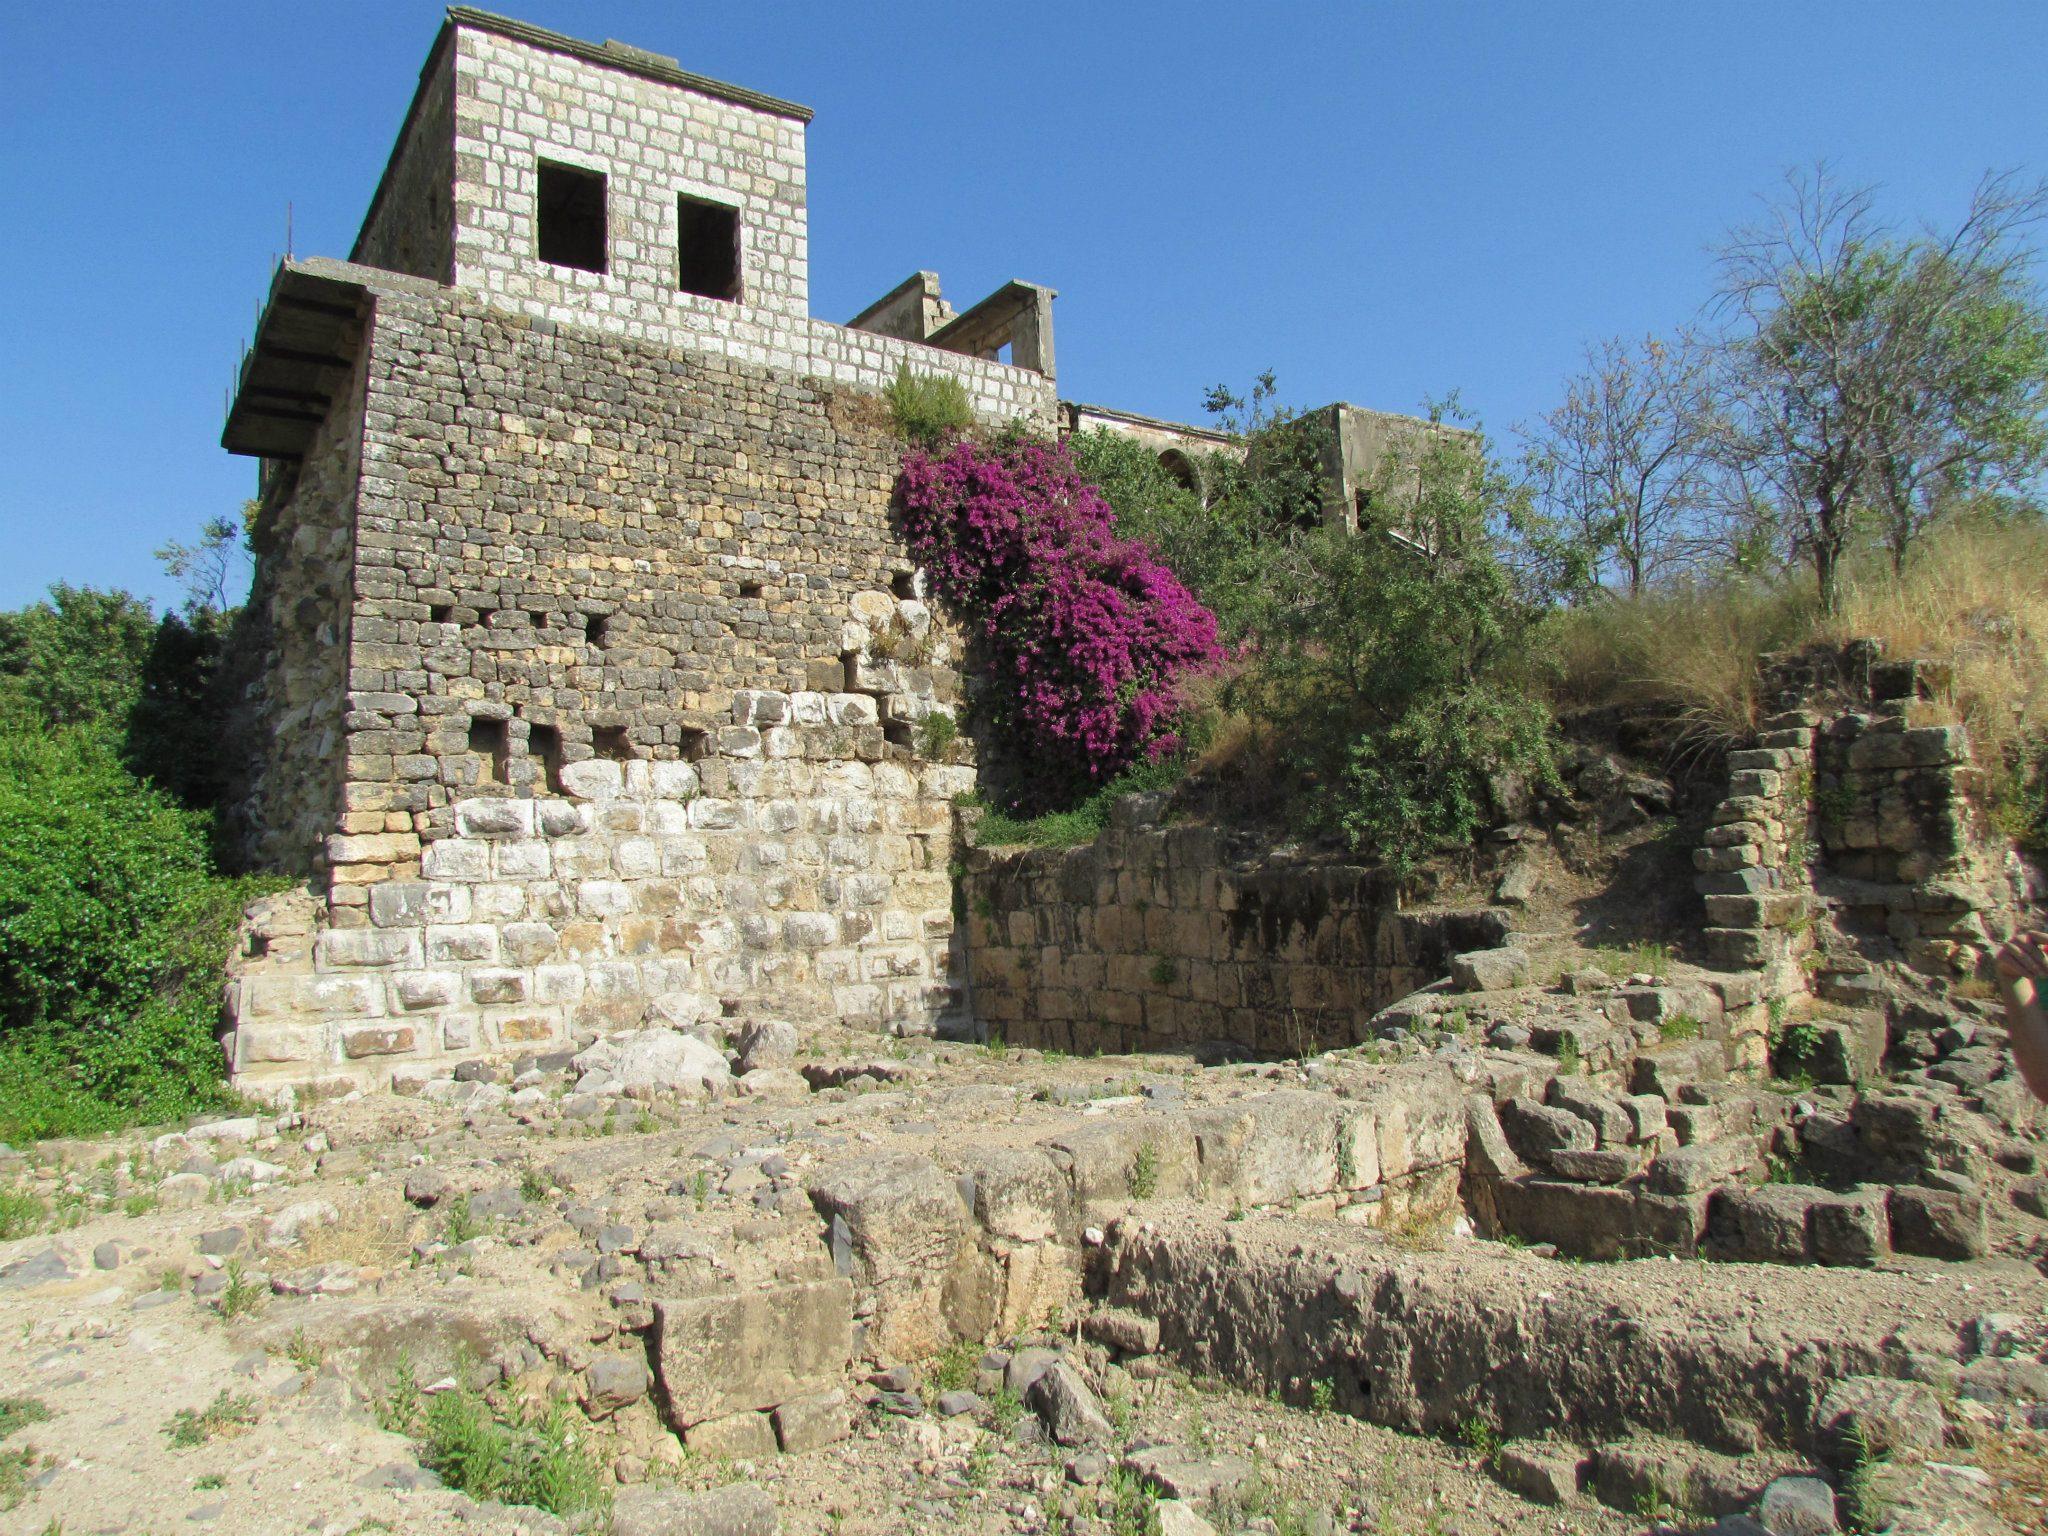 מגדל השמירה הסורי בעתיקות הבניאס.